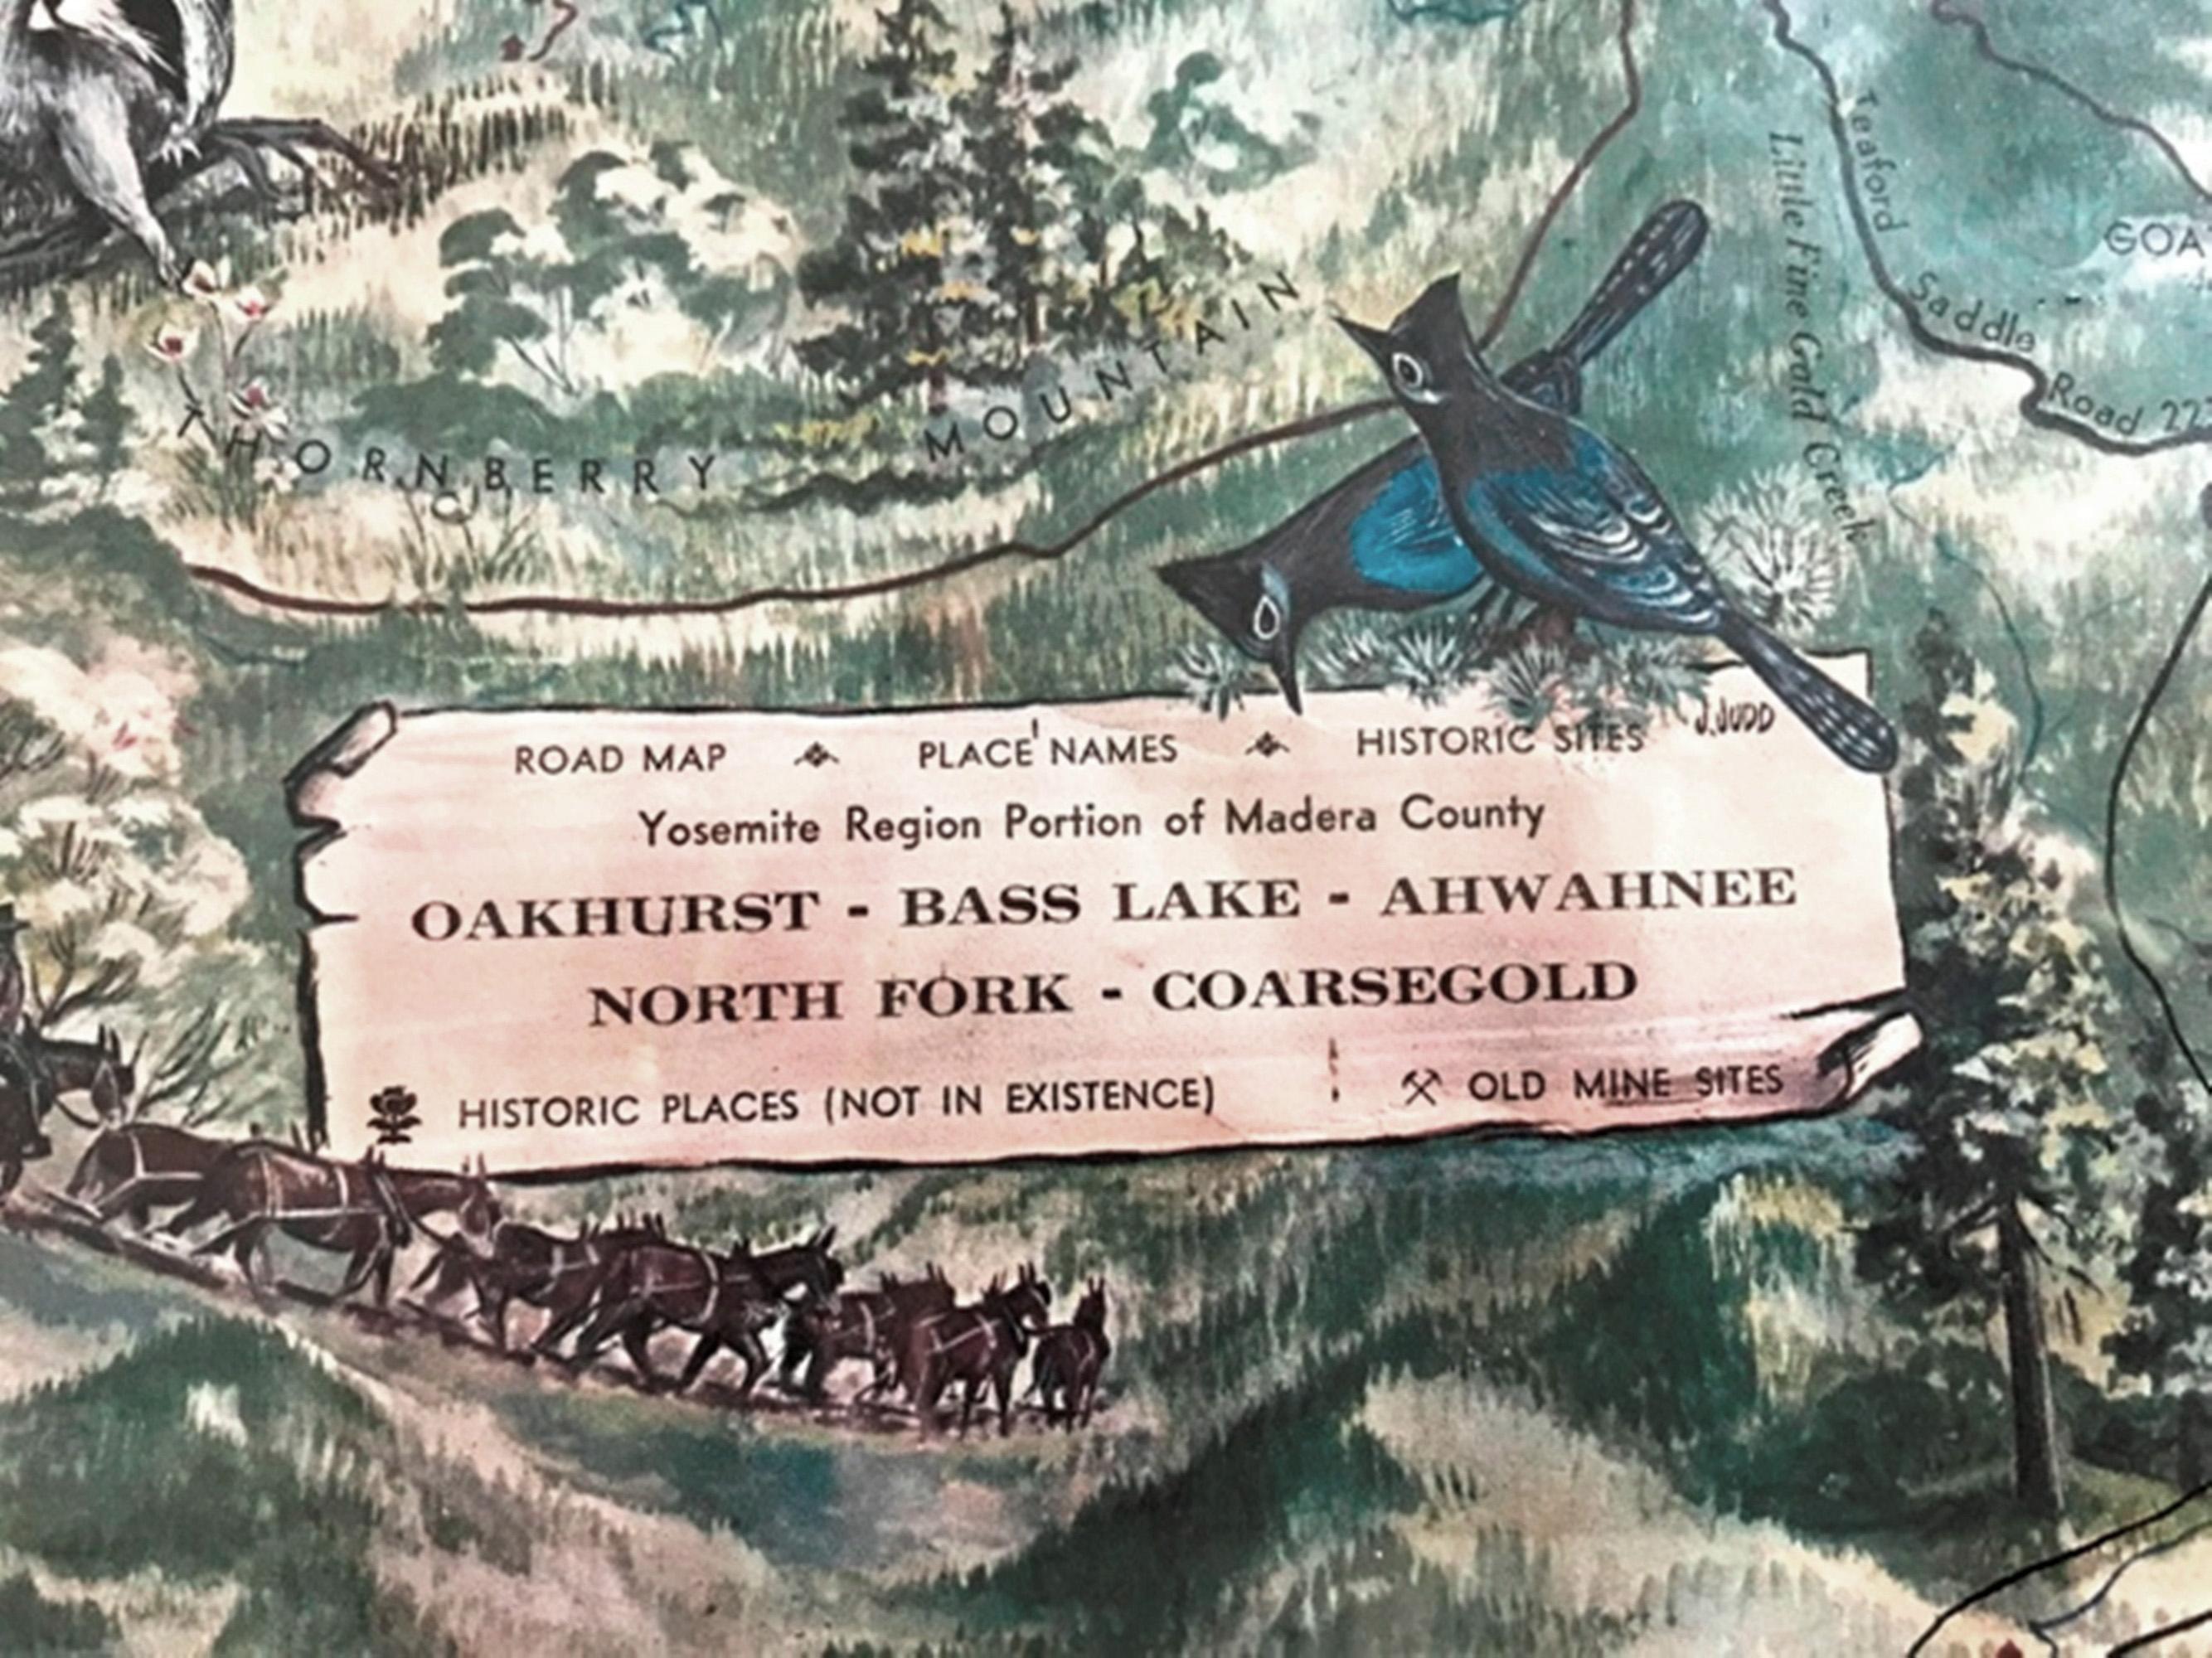 1967 illustrated Oakhurst Area map detail